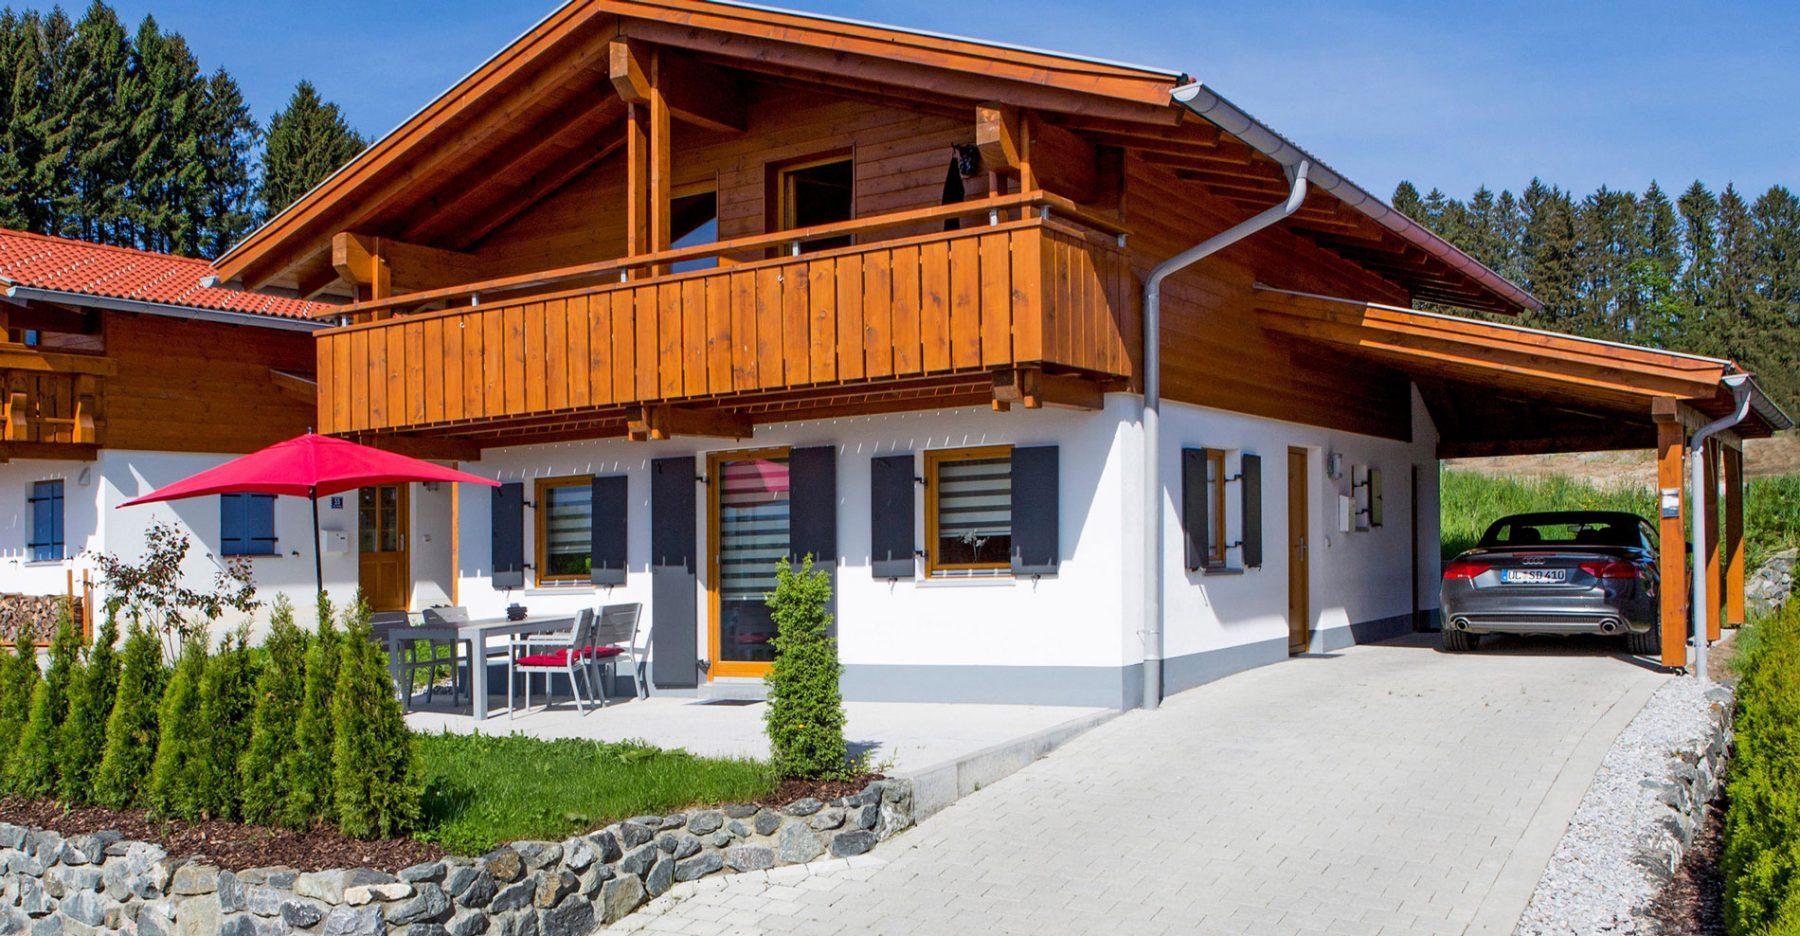 Schaefer Ferienhaus . Via Claudia 54